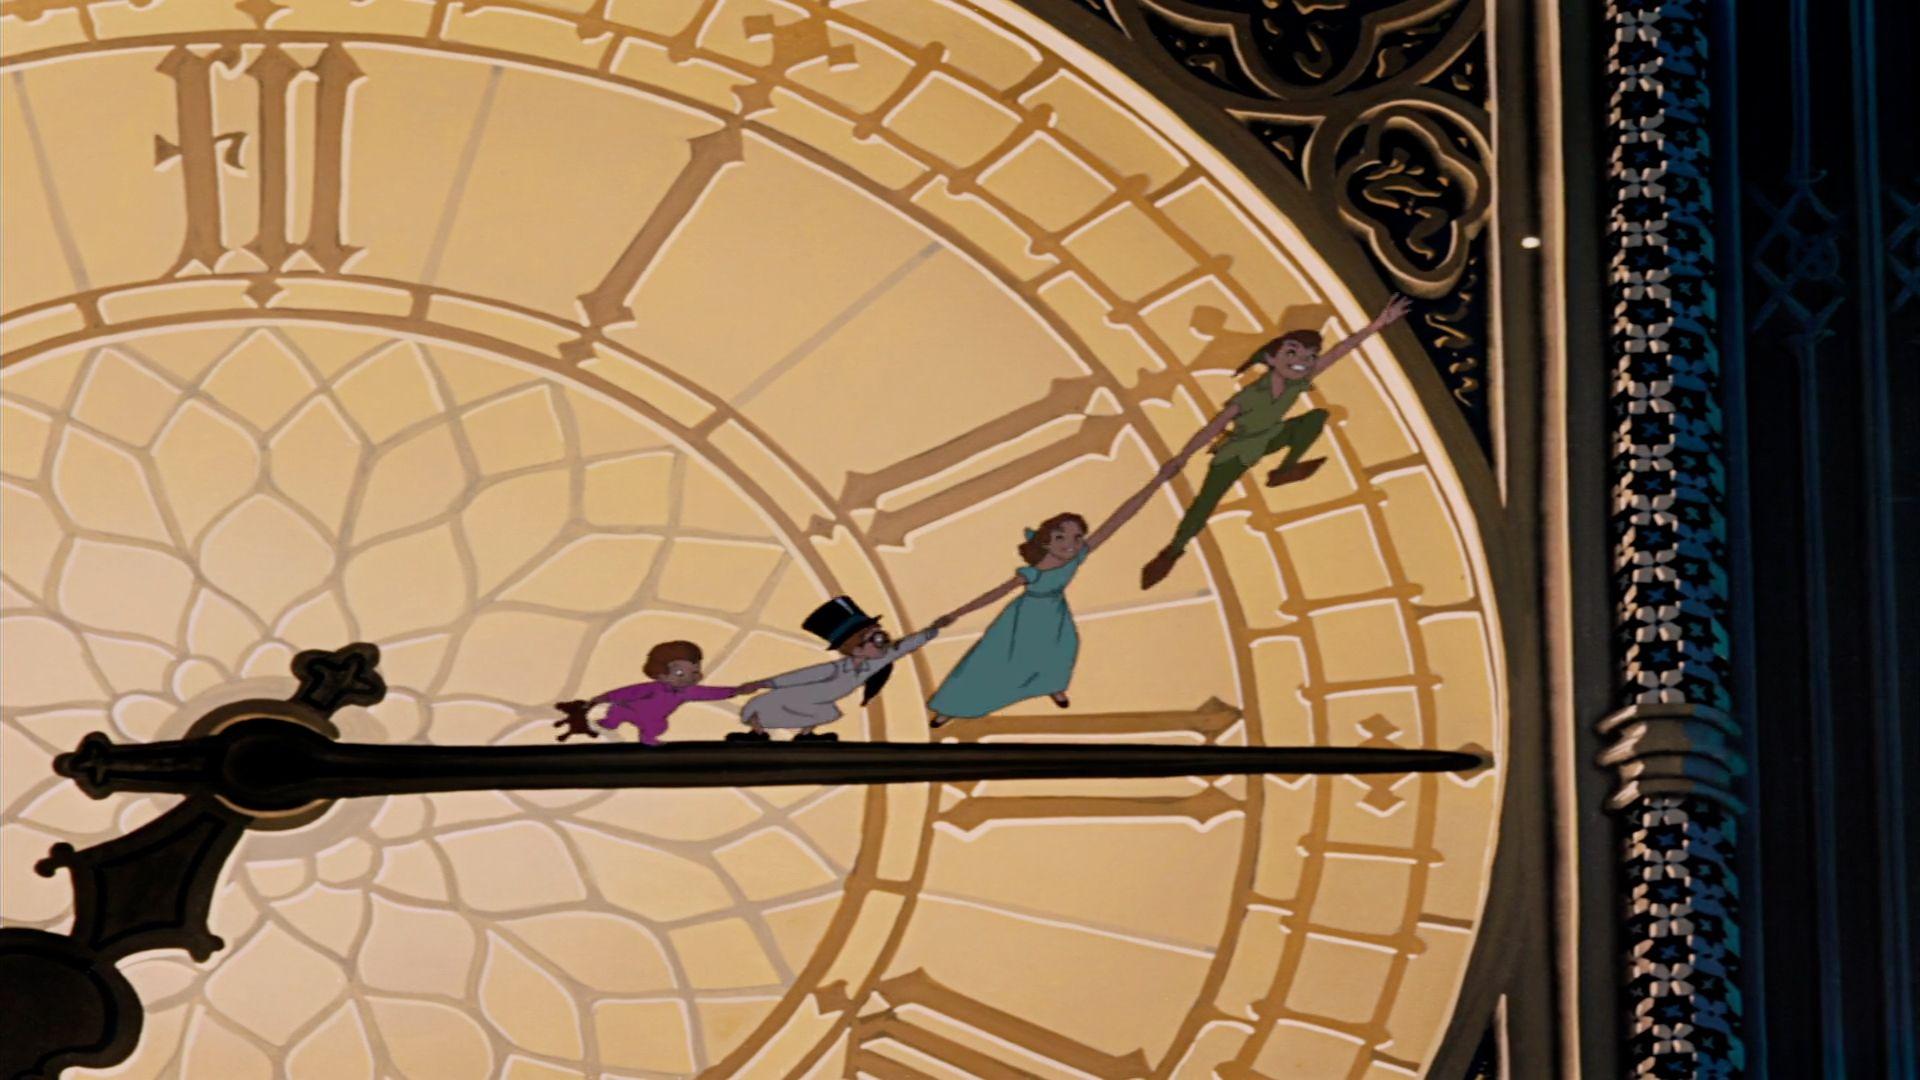 Dibujos Animados De Disney Para Colorear Peter Pan Peter: Peter Pan, Disney Y Peter